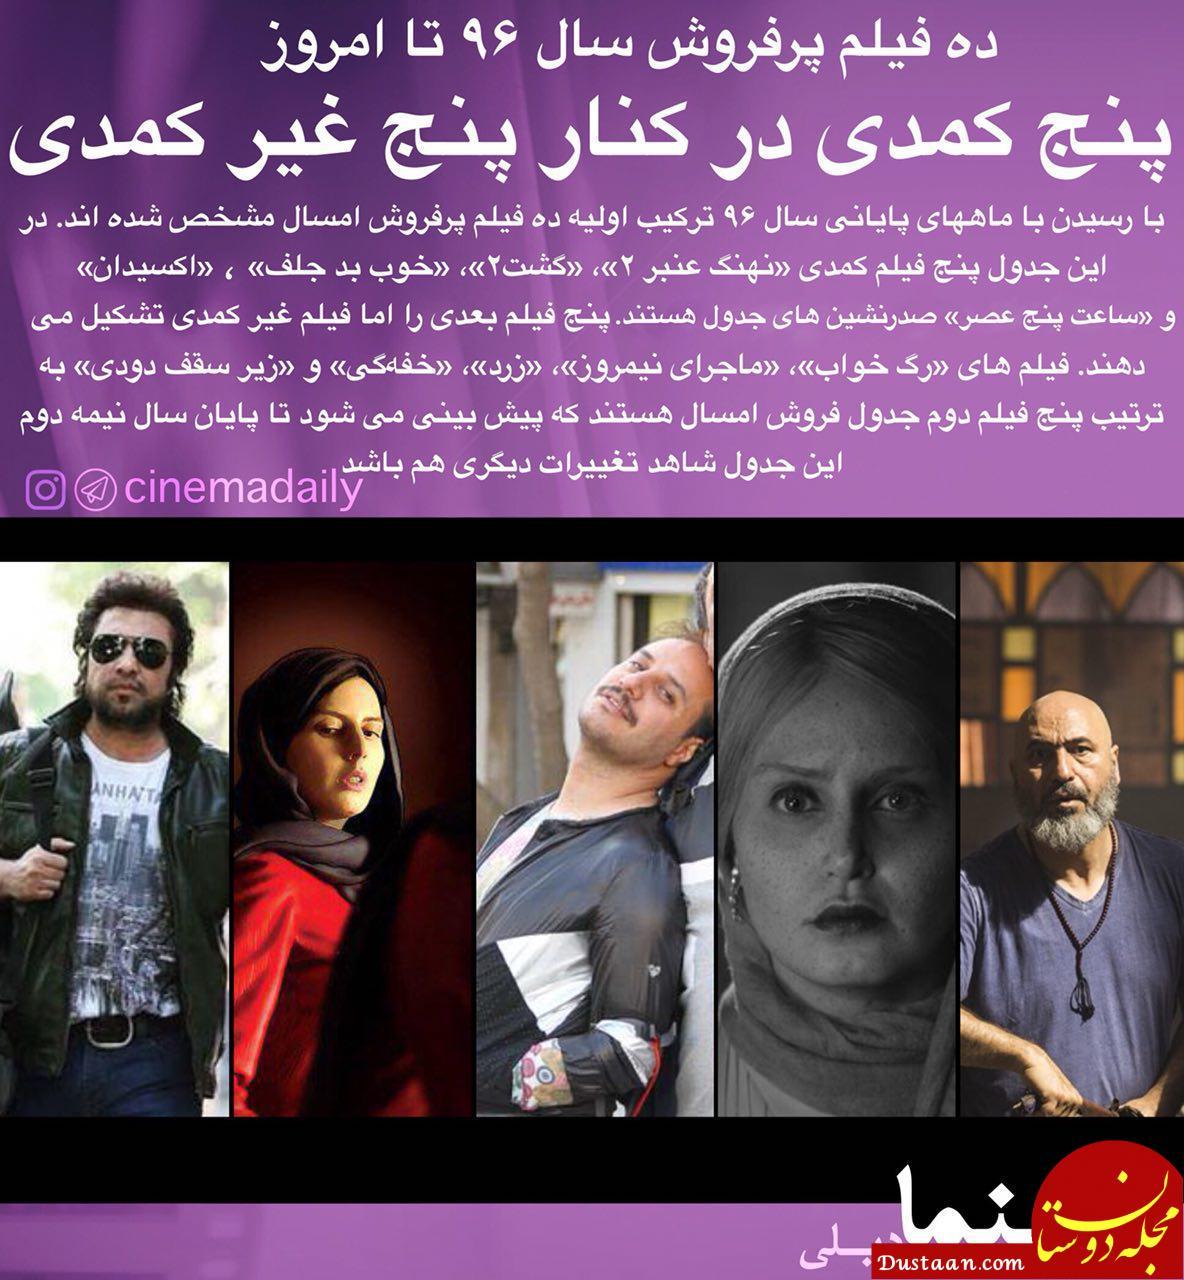 www.dustaan.com 10 فیلم پرفروش سال 96 تا امروز